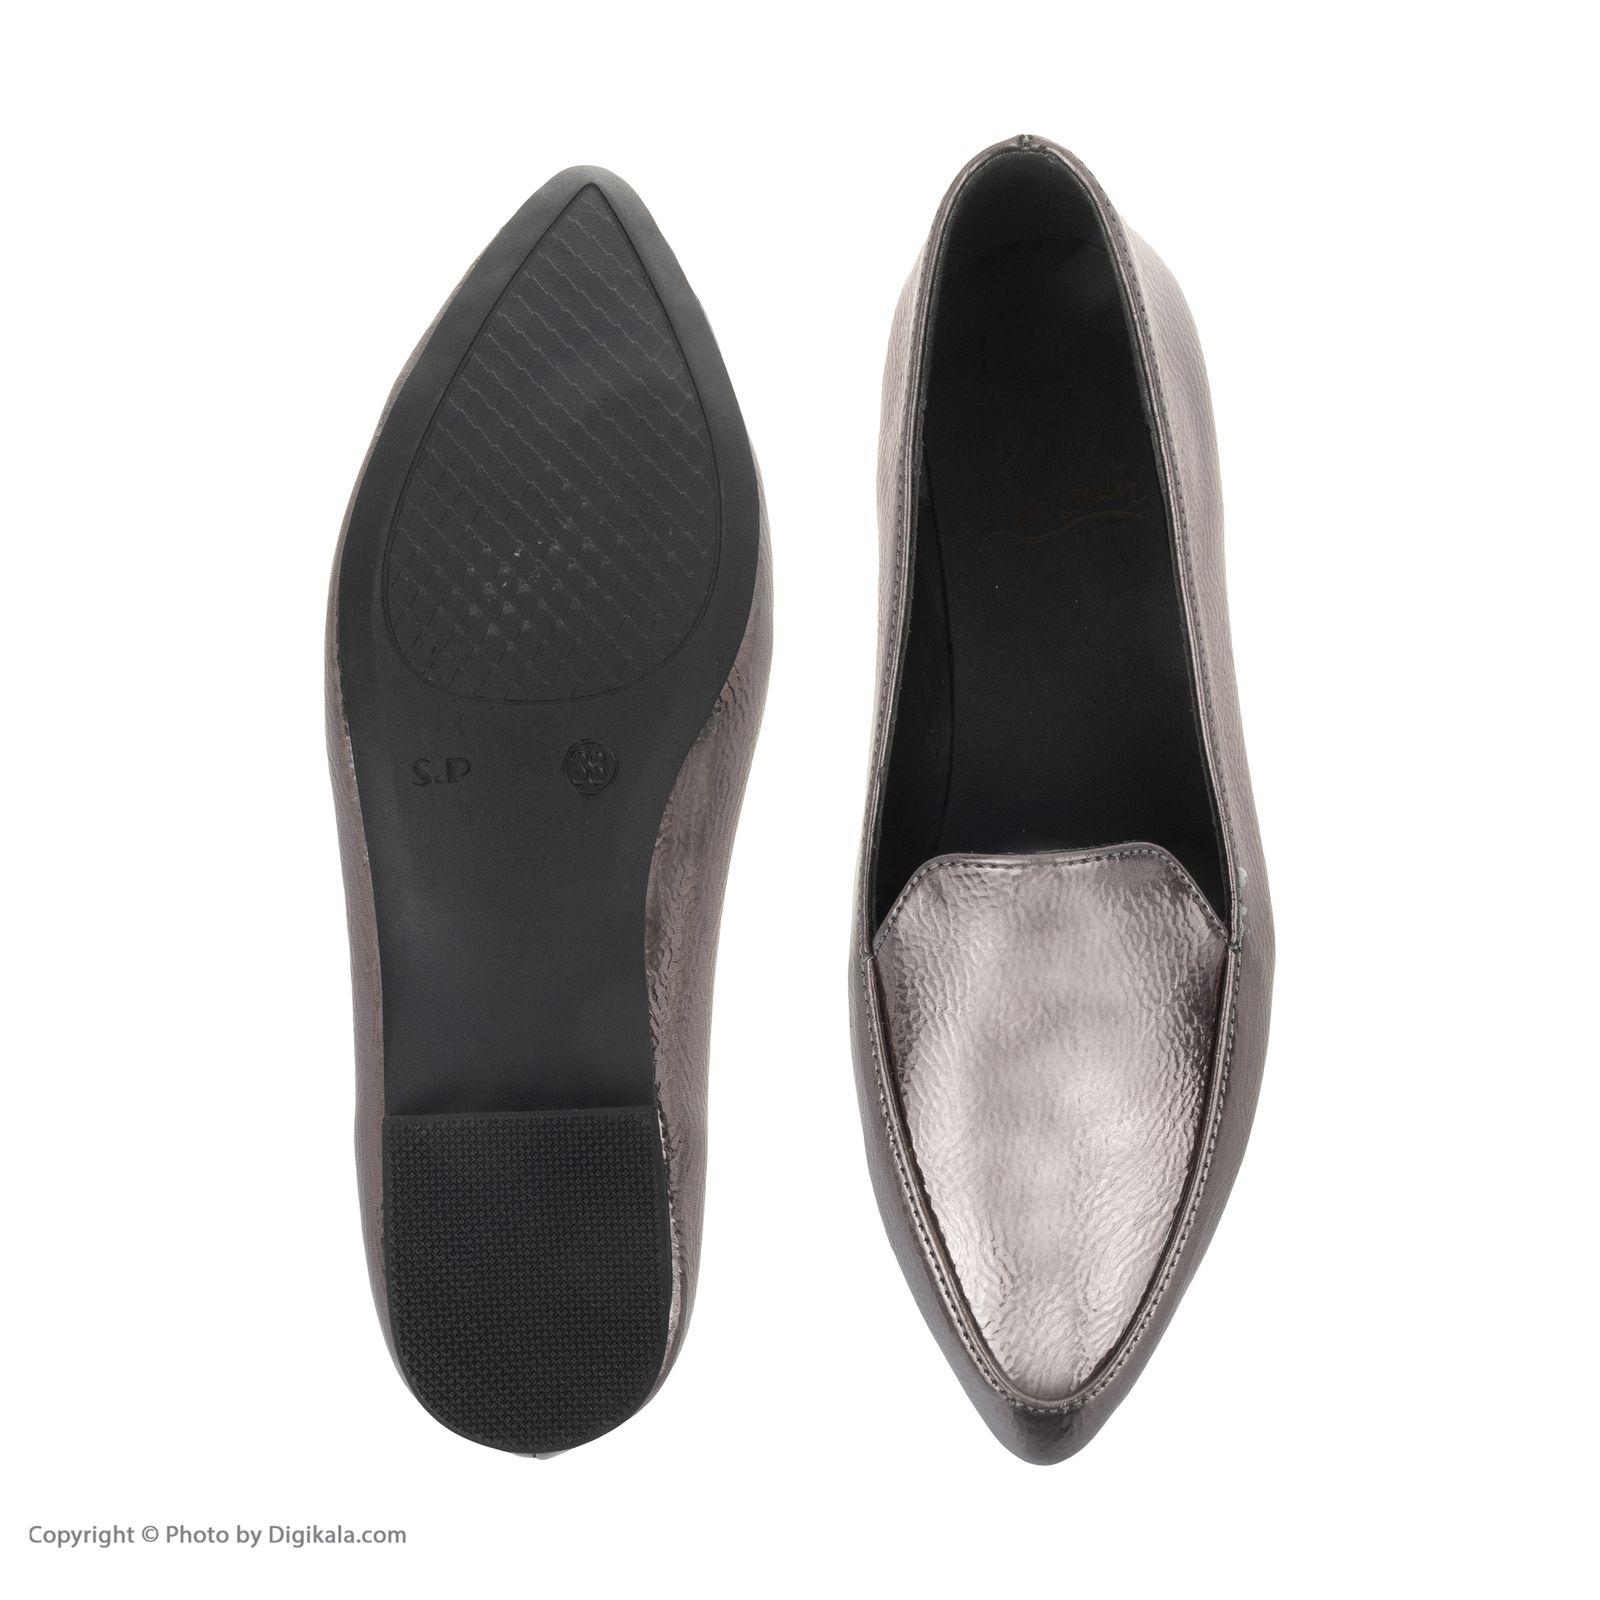 کفش زنانه مدل 6106 -  - 6